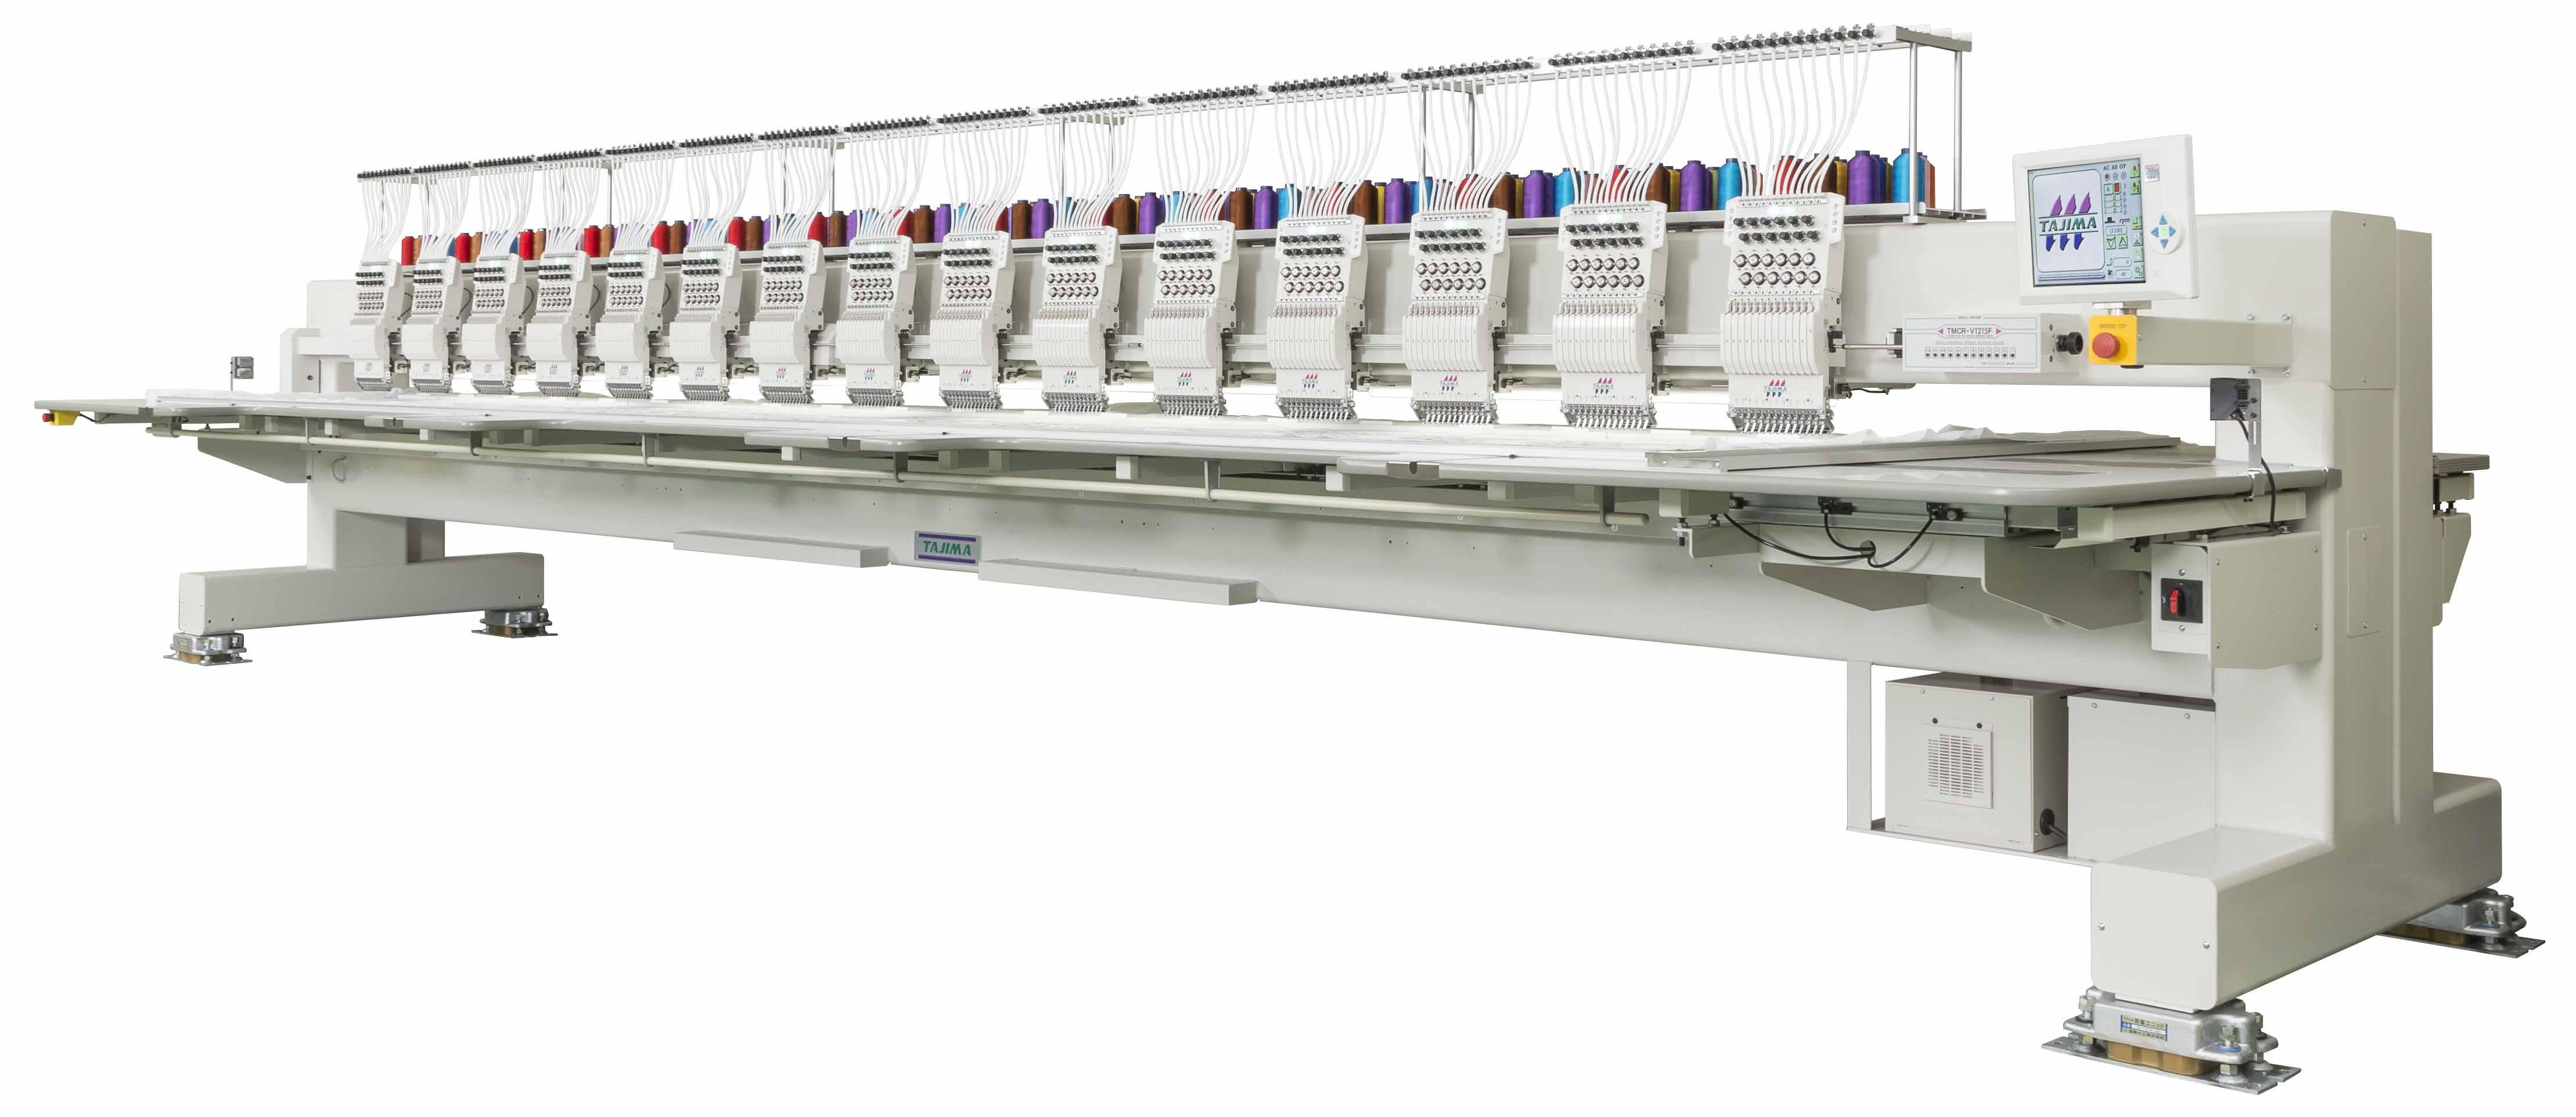 Almurtaza Machinery